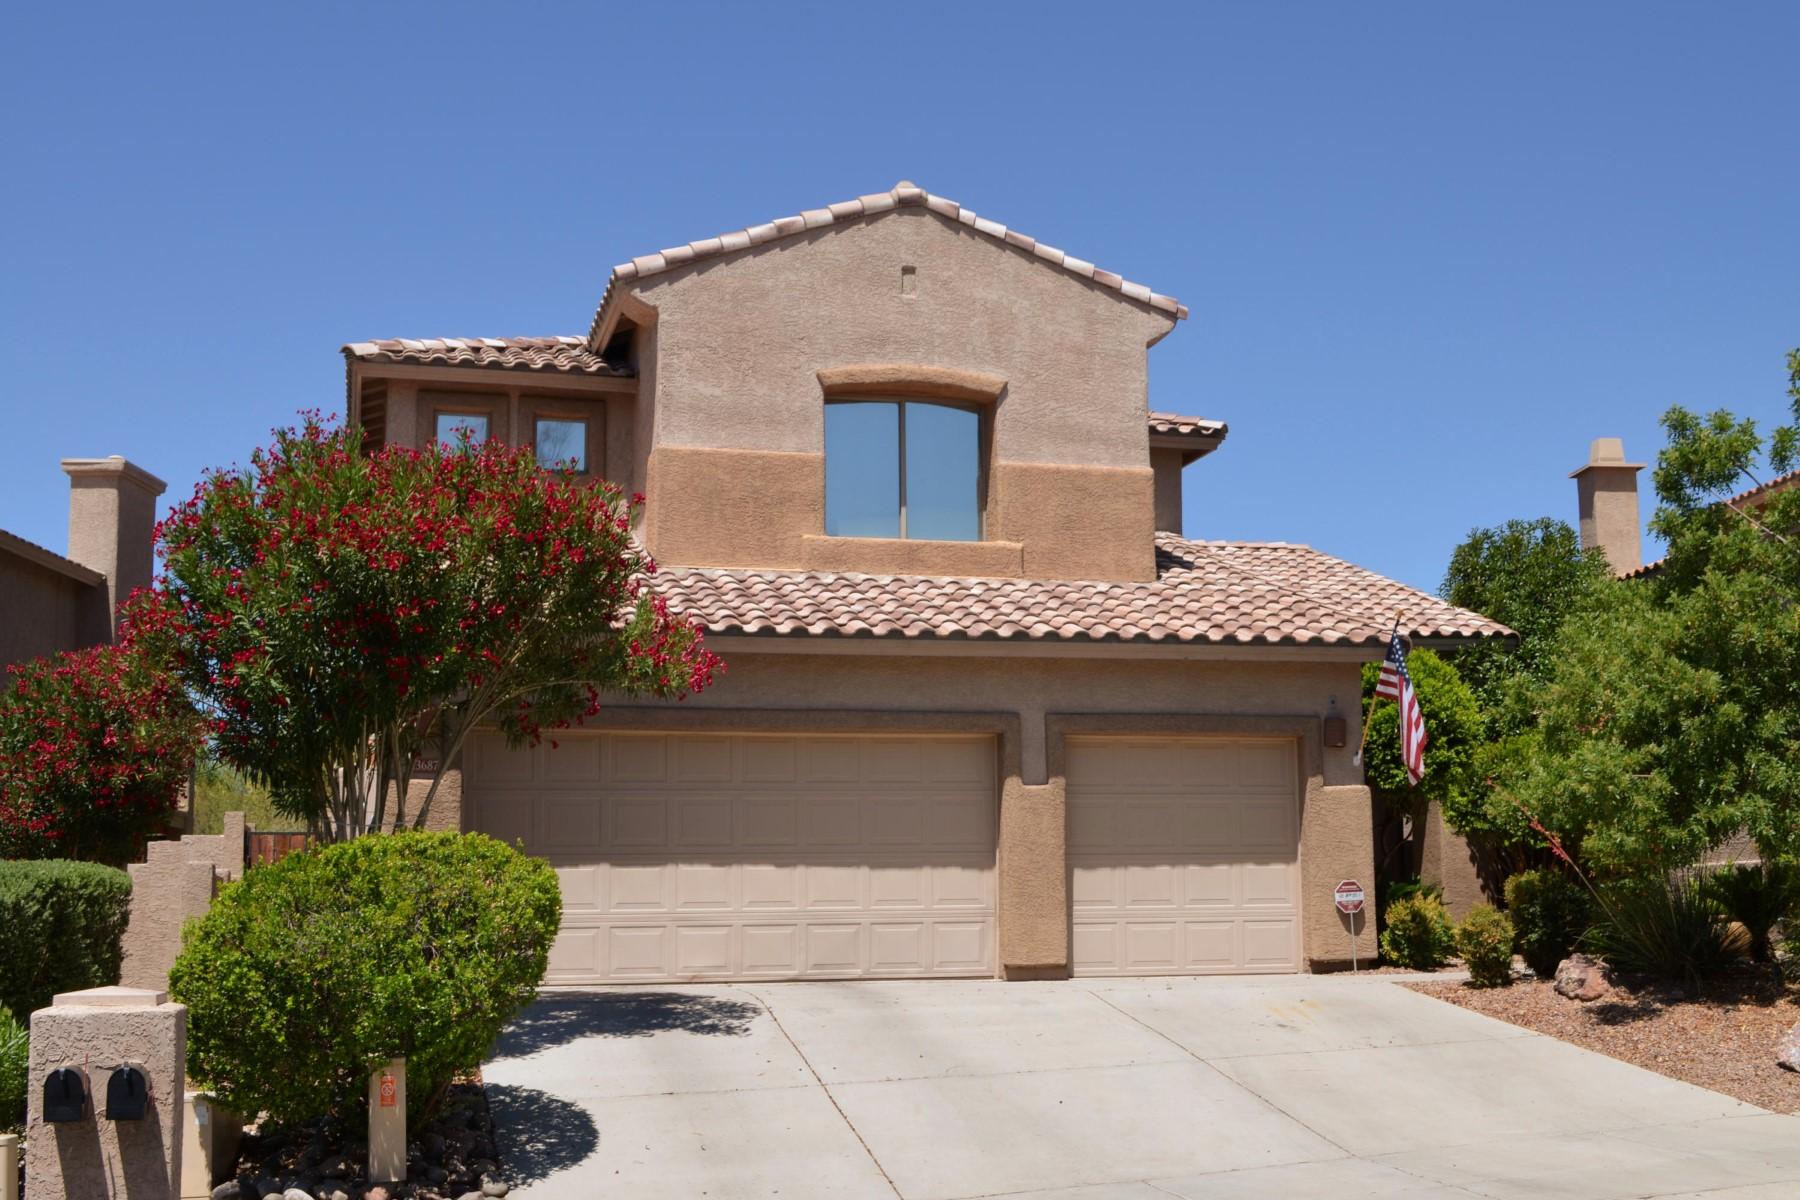 Moradia para Venda às Beautifully appointed four Bedroom/ three Bath home. 13687 N Bushwacker Place Oro Valley, Arizona 85755 Estados Unidos